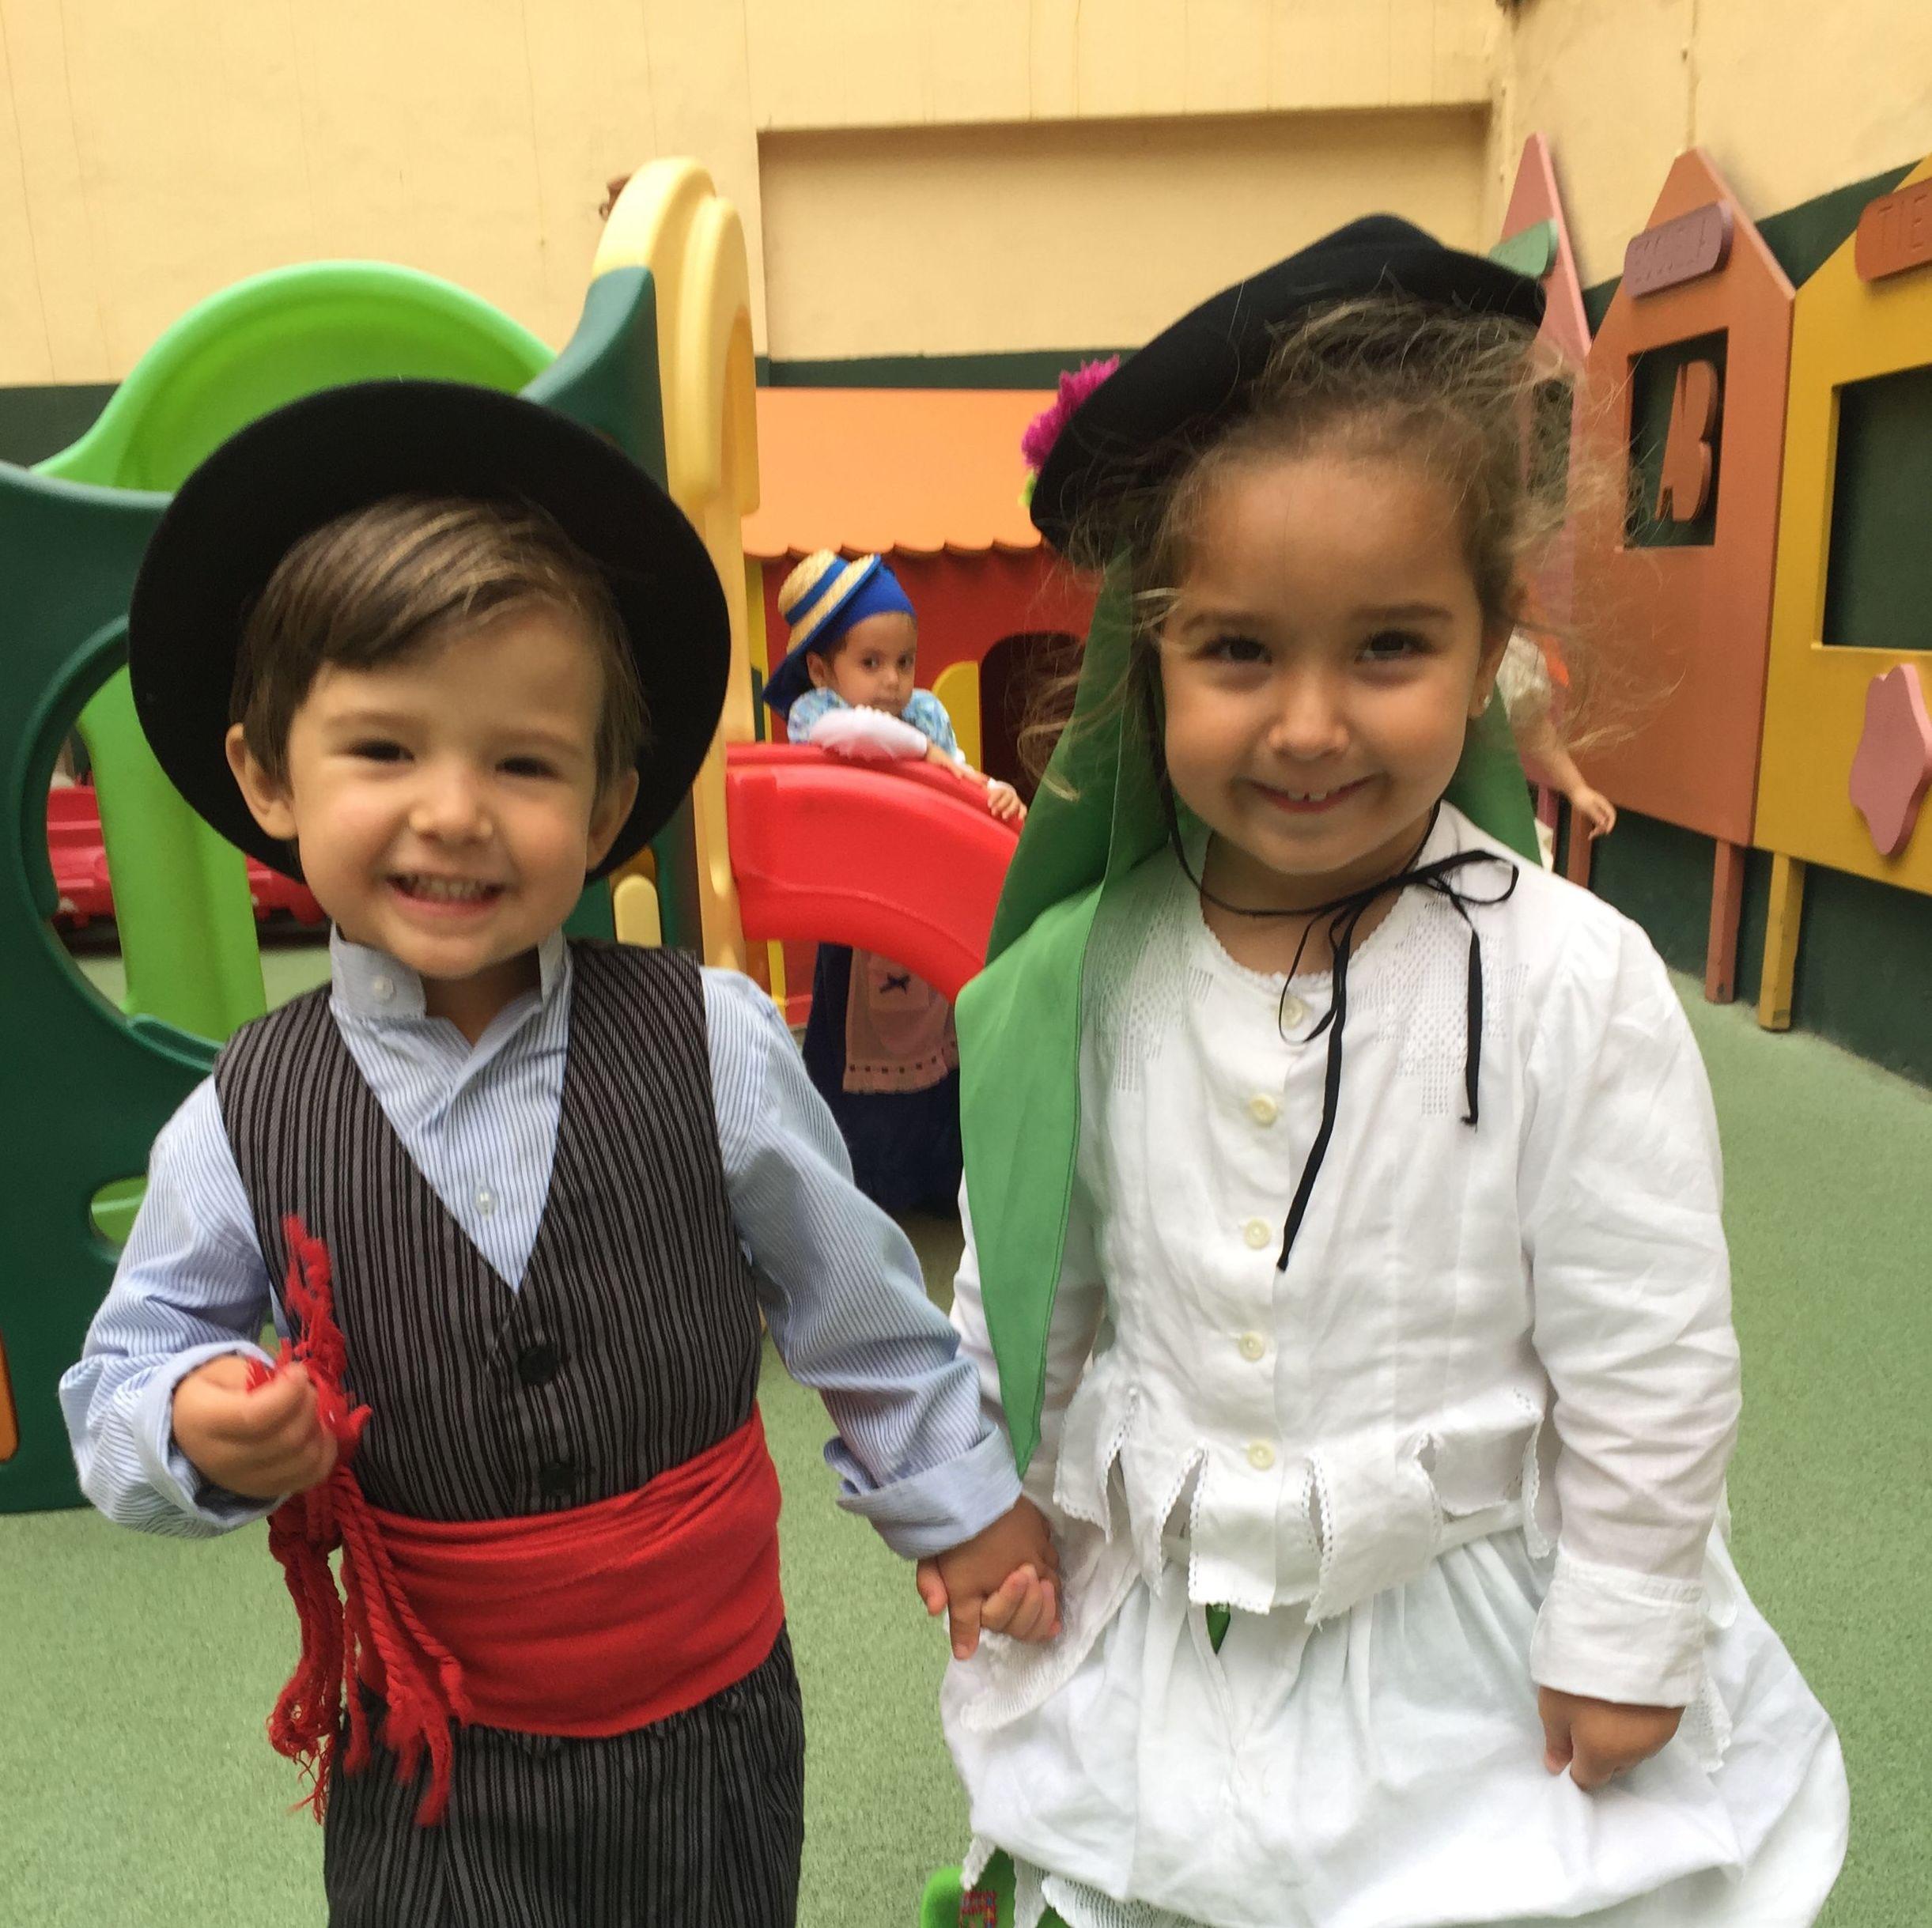 Foto 10 de Guarderías y Escuelas infantiles en Las Palmas de Gran Canaria | Escuela Maternal Infantil Dr.Sánchez